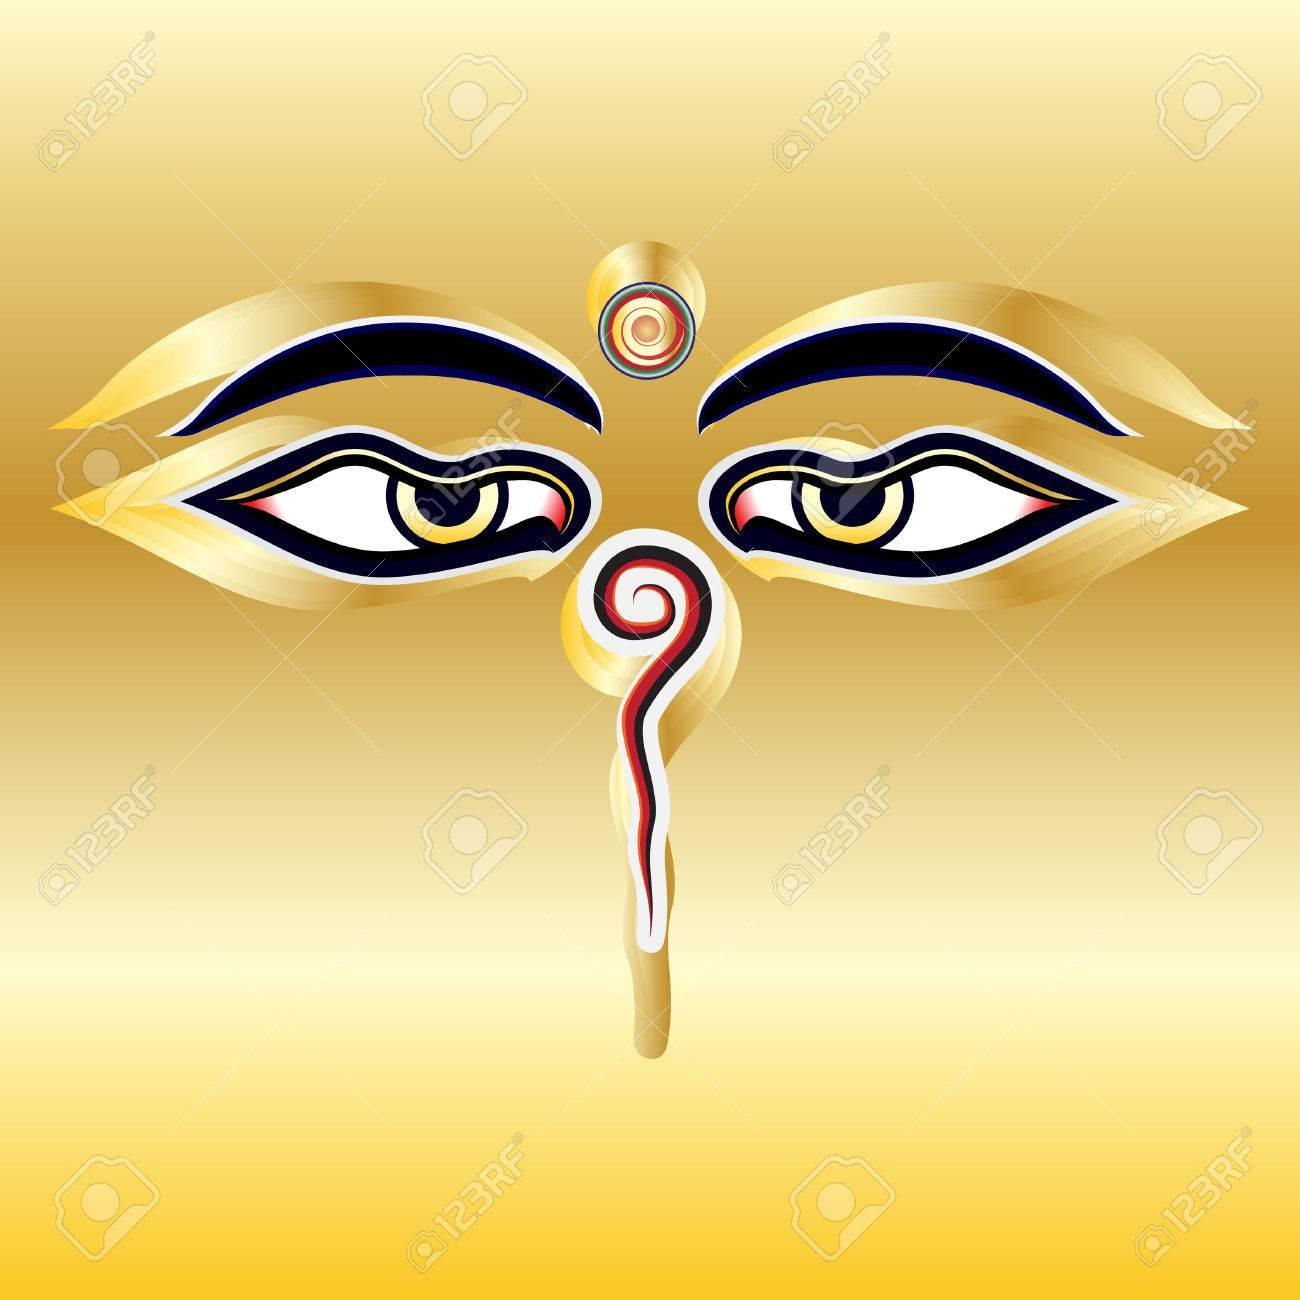 Traditional buddha eyes symbol wisdom eyes with gold background traditional buddha eyes symbol wisdom eyes with gold background stock vector 39554510 biocorpaavc Images